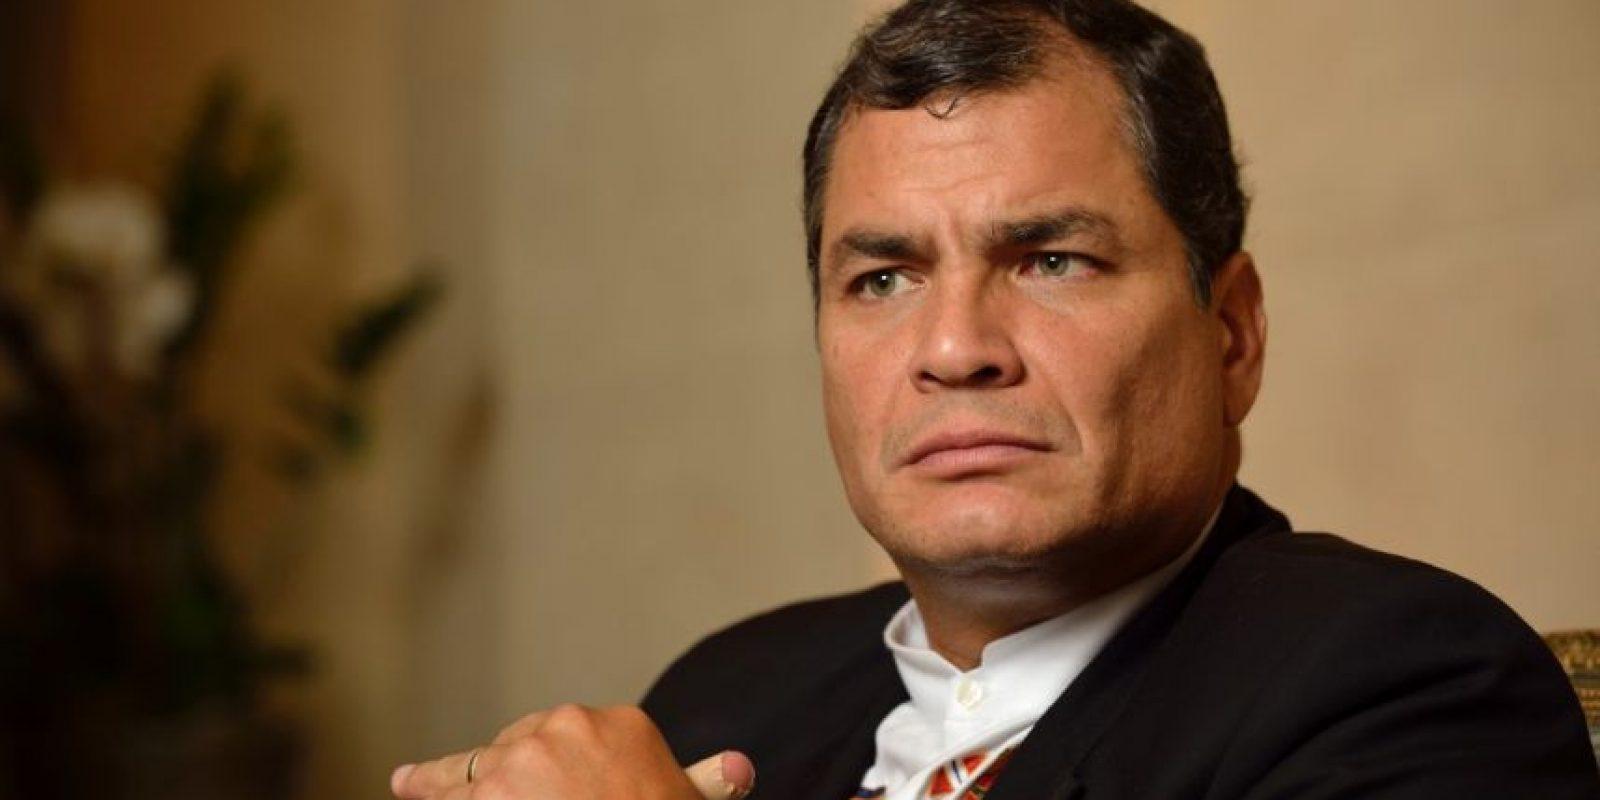 El presidente ecuatoriano Rafael Correa le pidió a la Policía ser prudente el jueves Foto:AGENCIAS